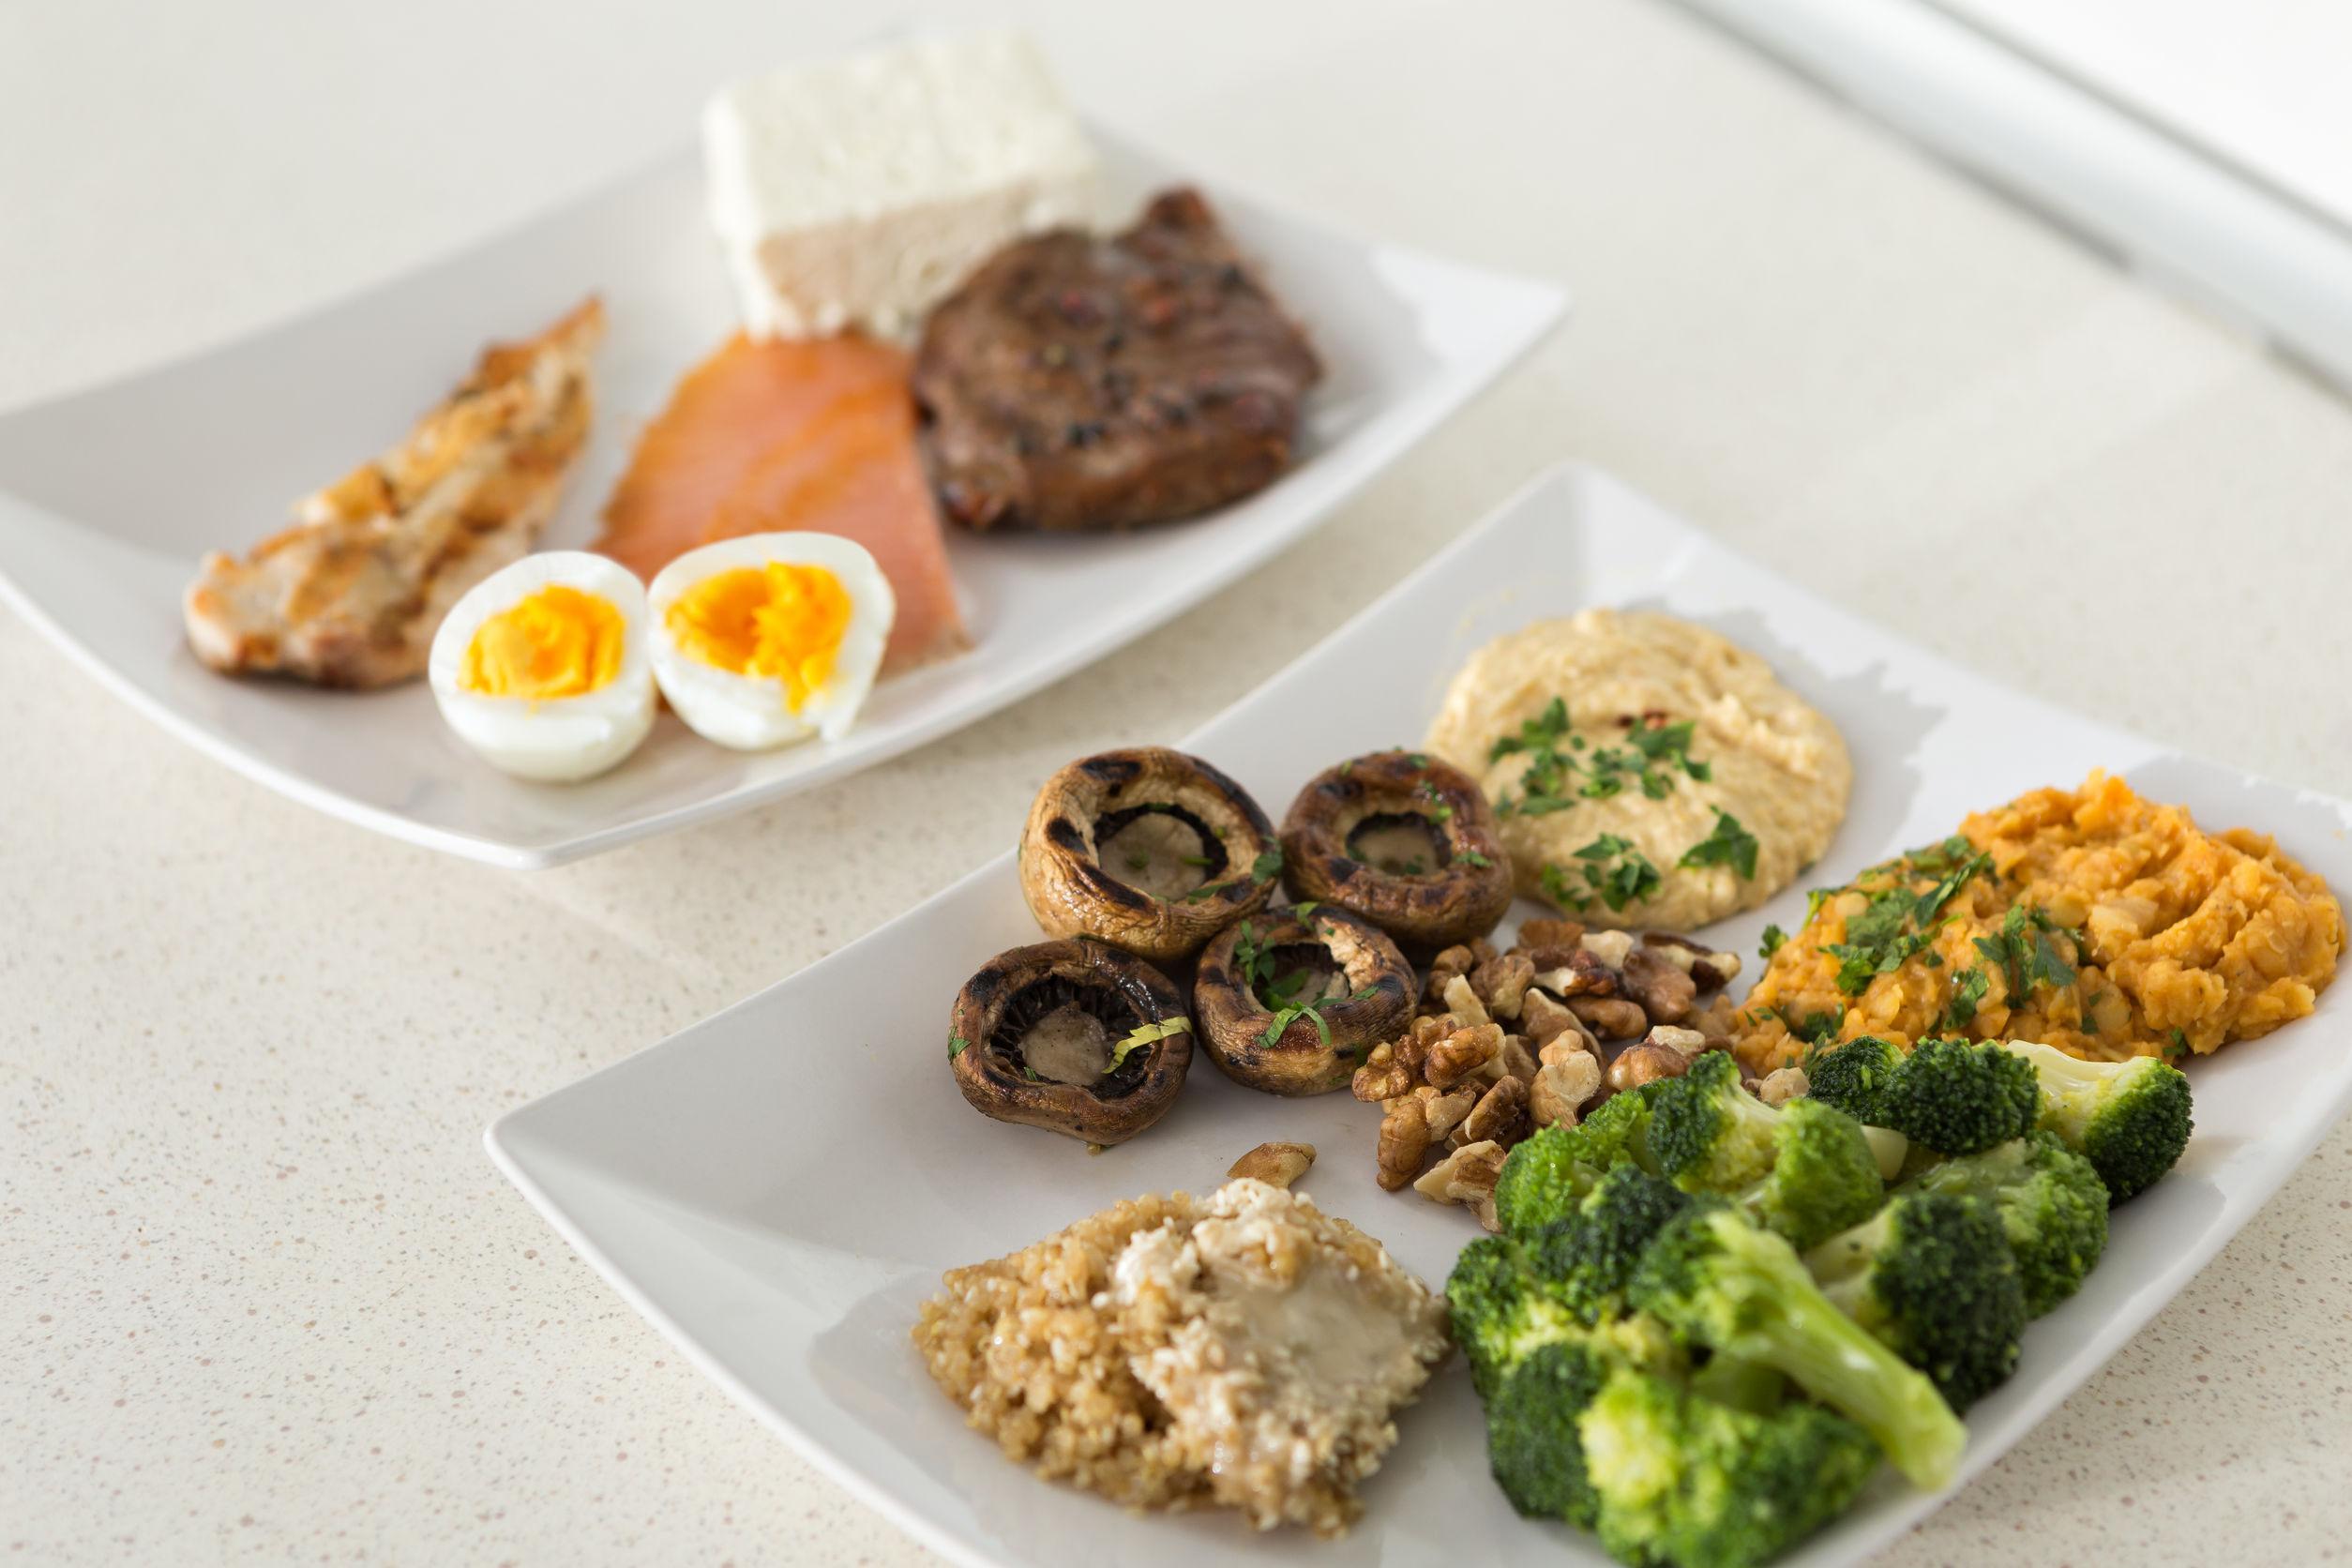 Cómo sustituir carne, huevos y lácteos  por proteínas de origen vegetal. Fuentes de calcio no lácteas